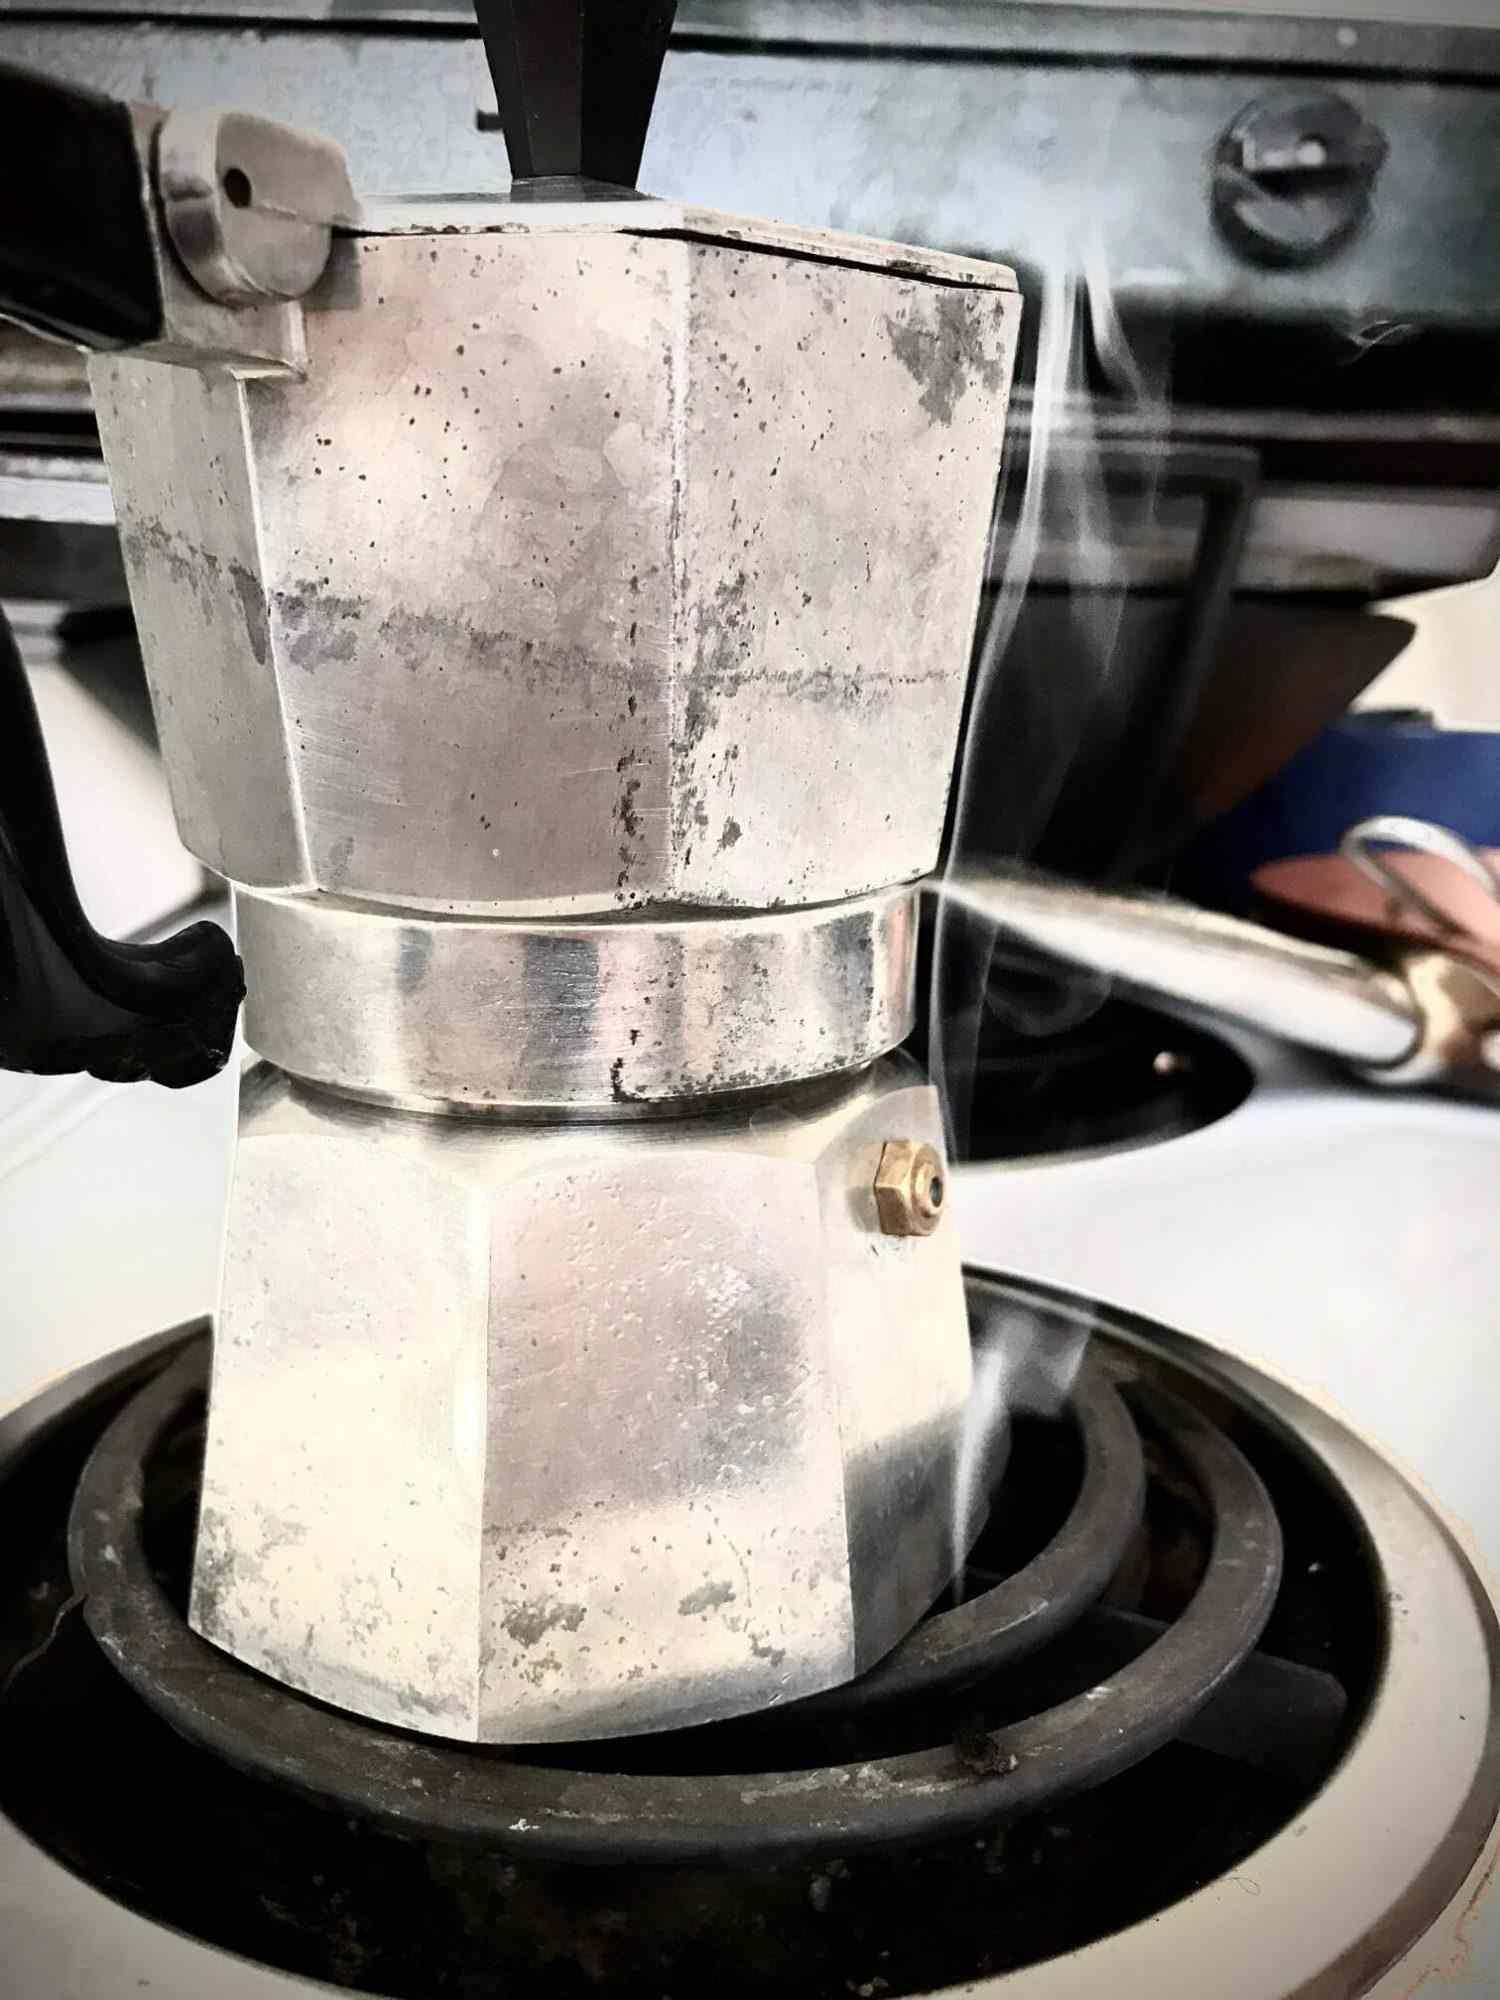 A moka pot on a burner